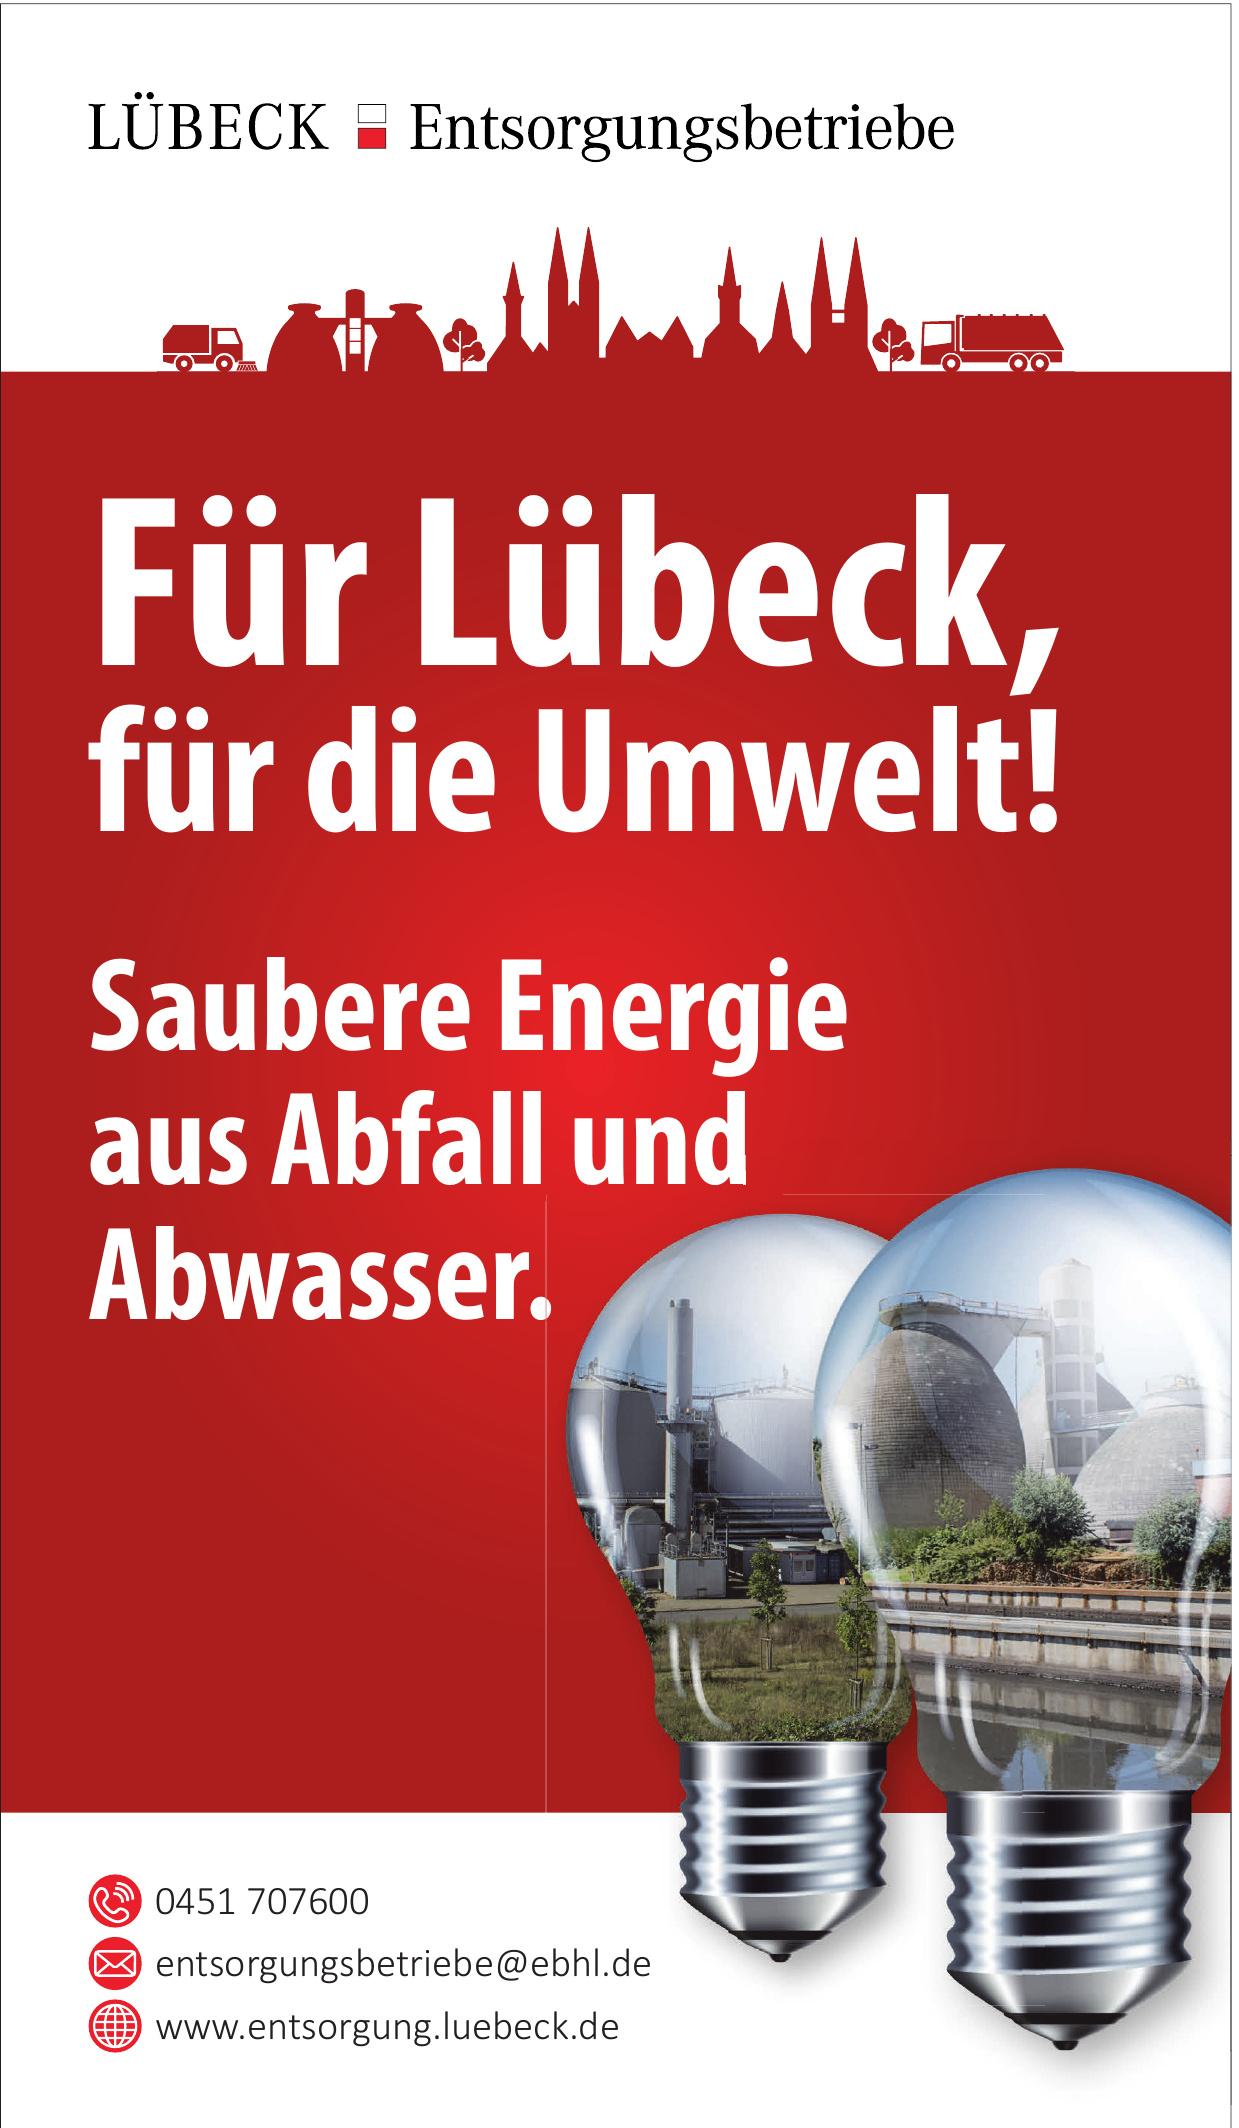 Entsorgungsbetriebe Lübeck